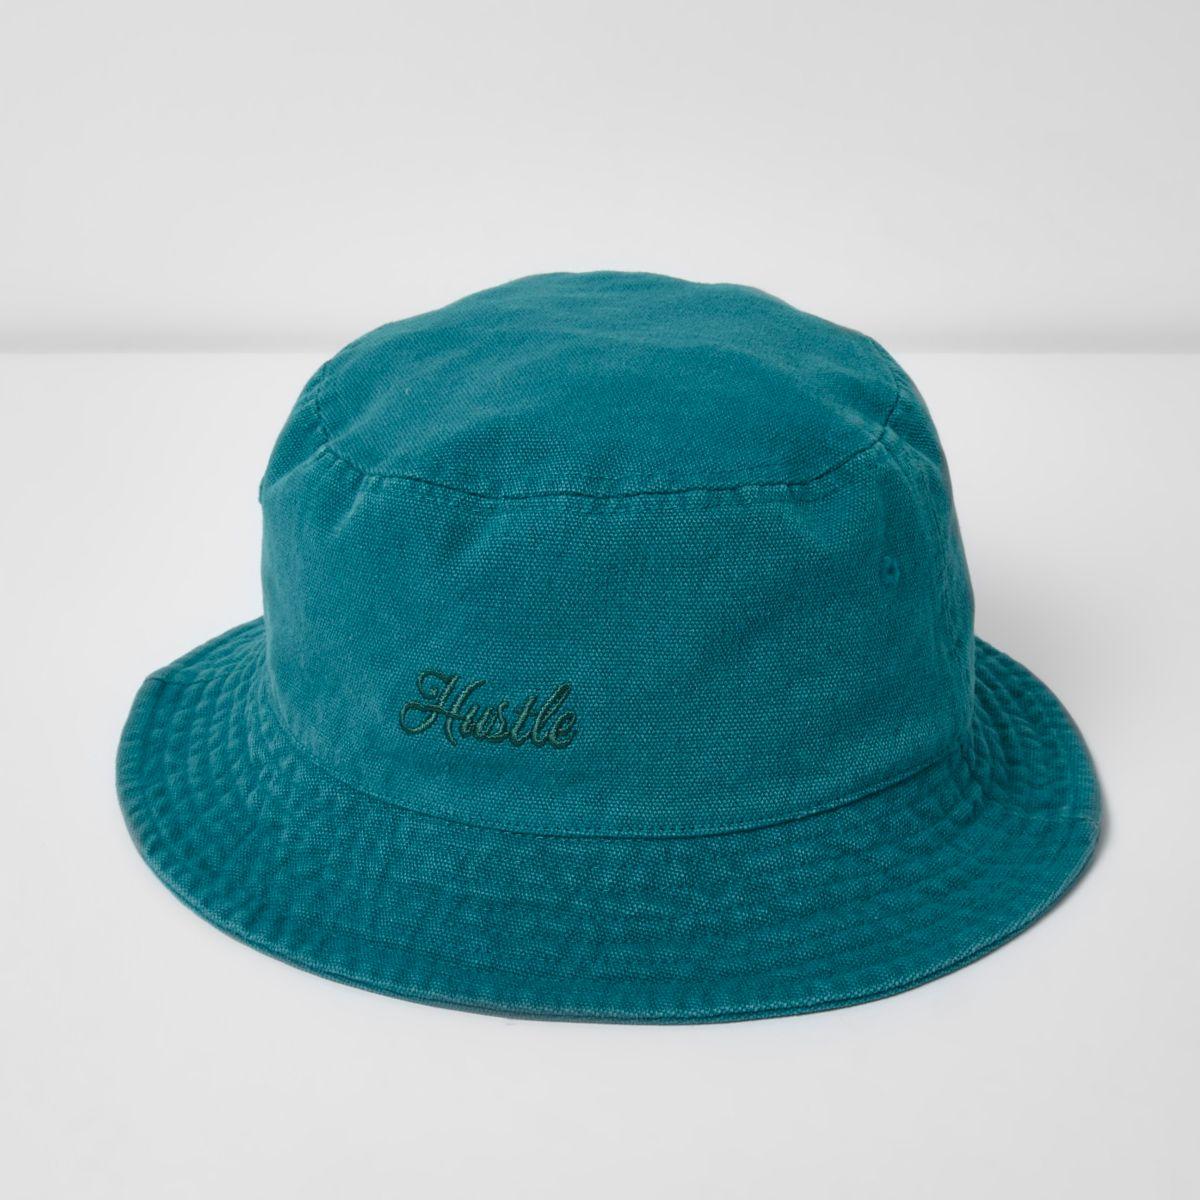 Blue 'Hustle' bucket hat